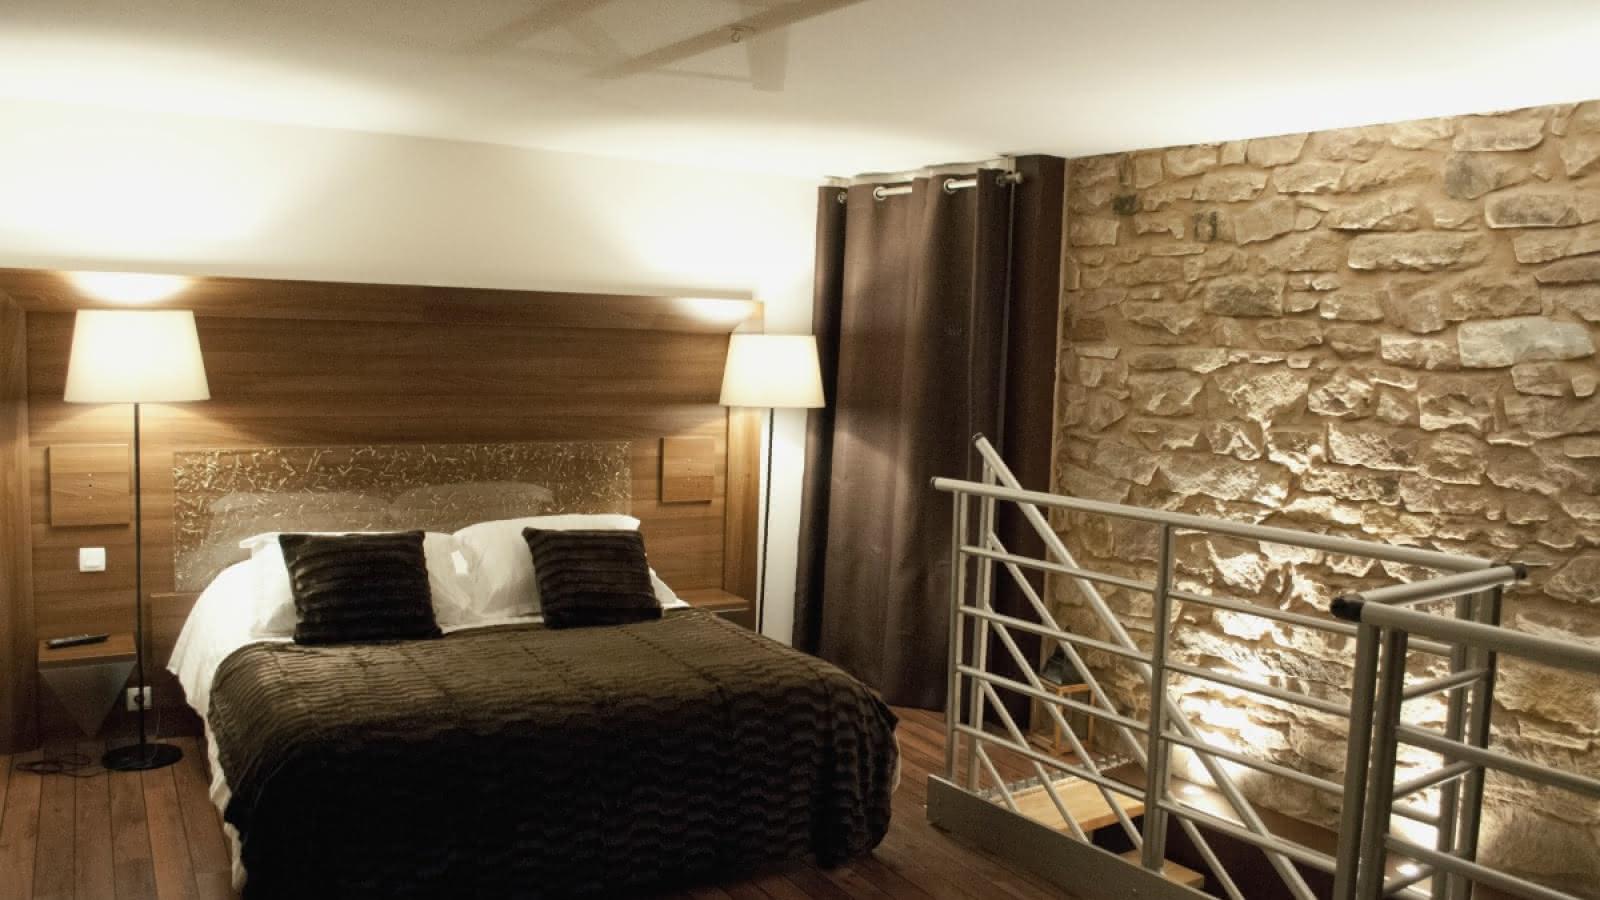 Chambre Adulte Campagne Chic chambres chez l'habitant à l'ecurie - obernai | visit alsace